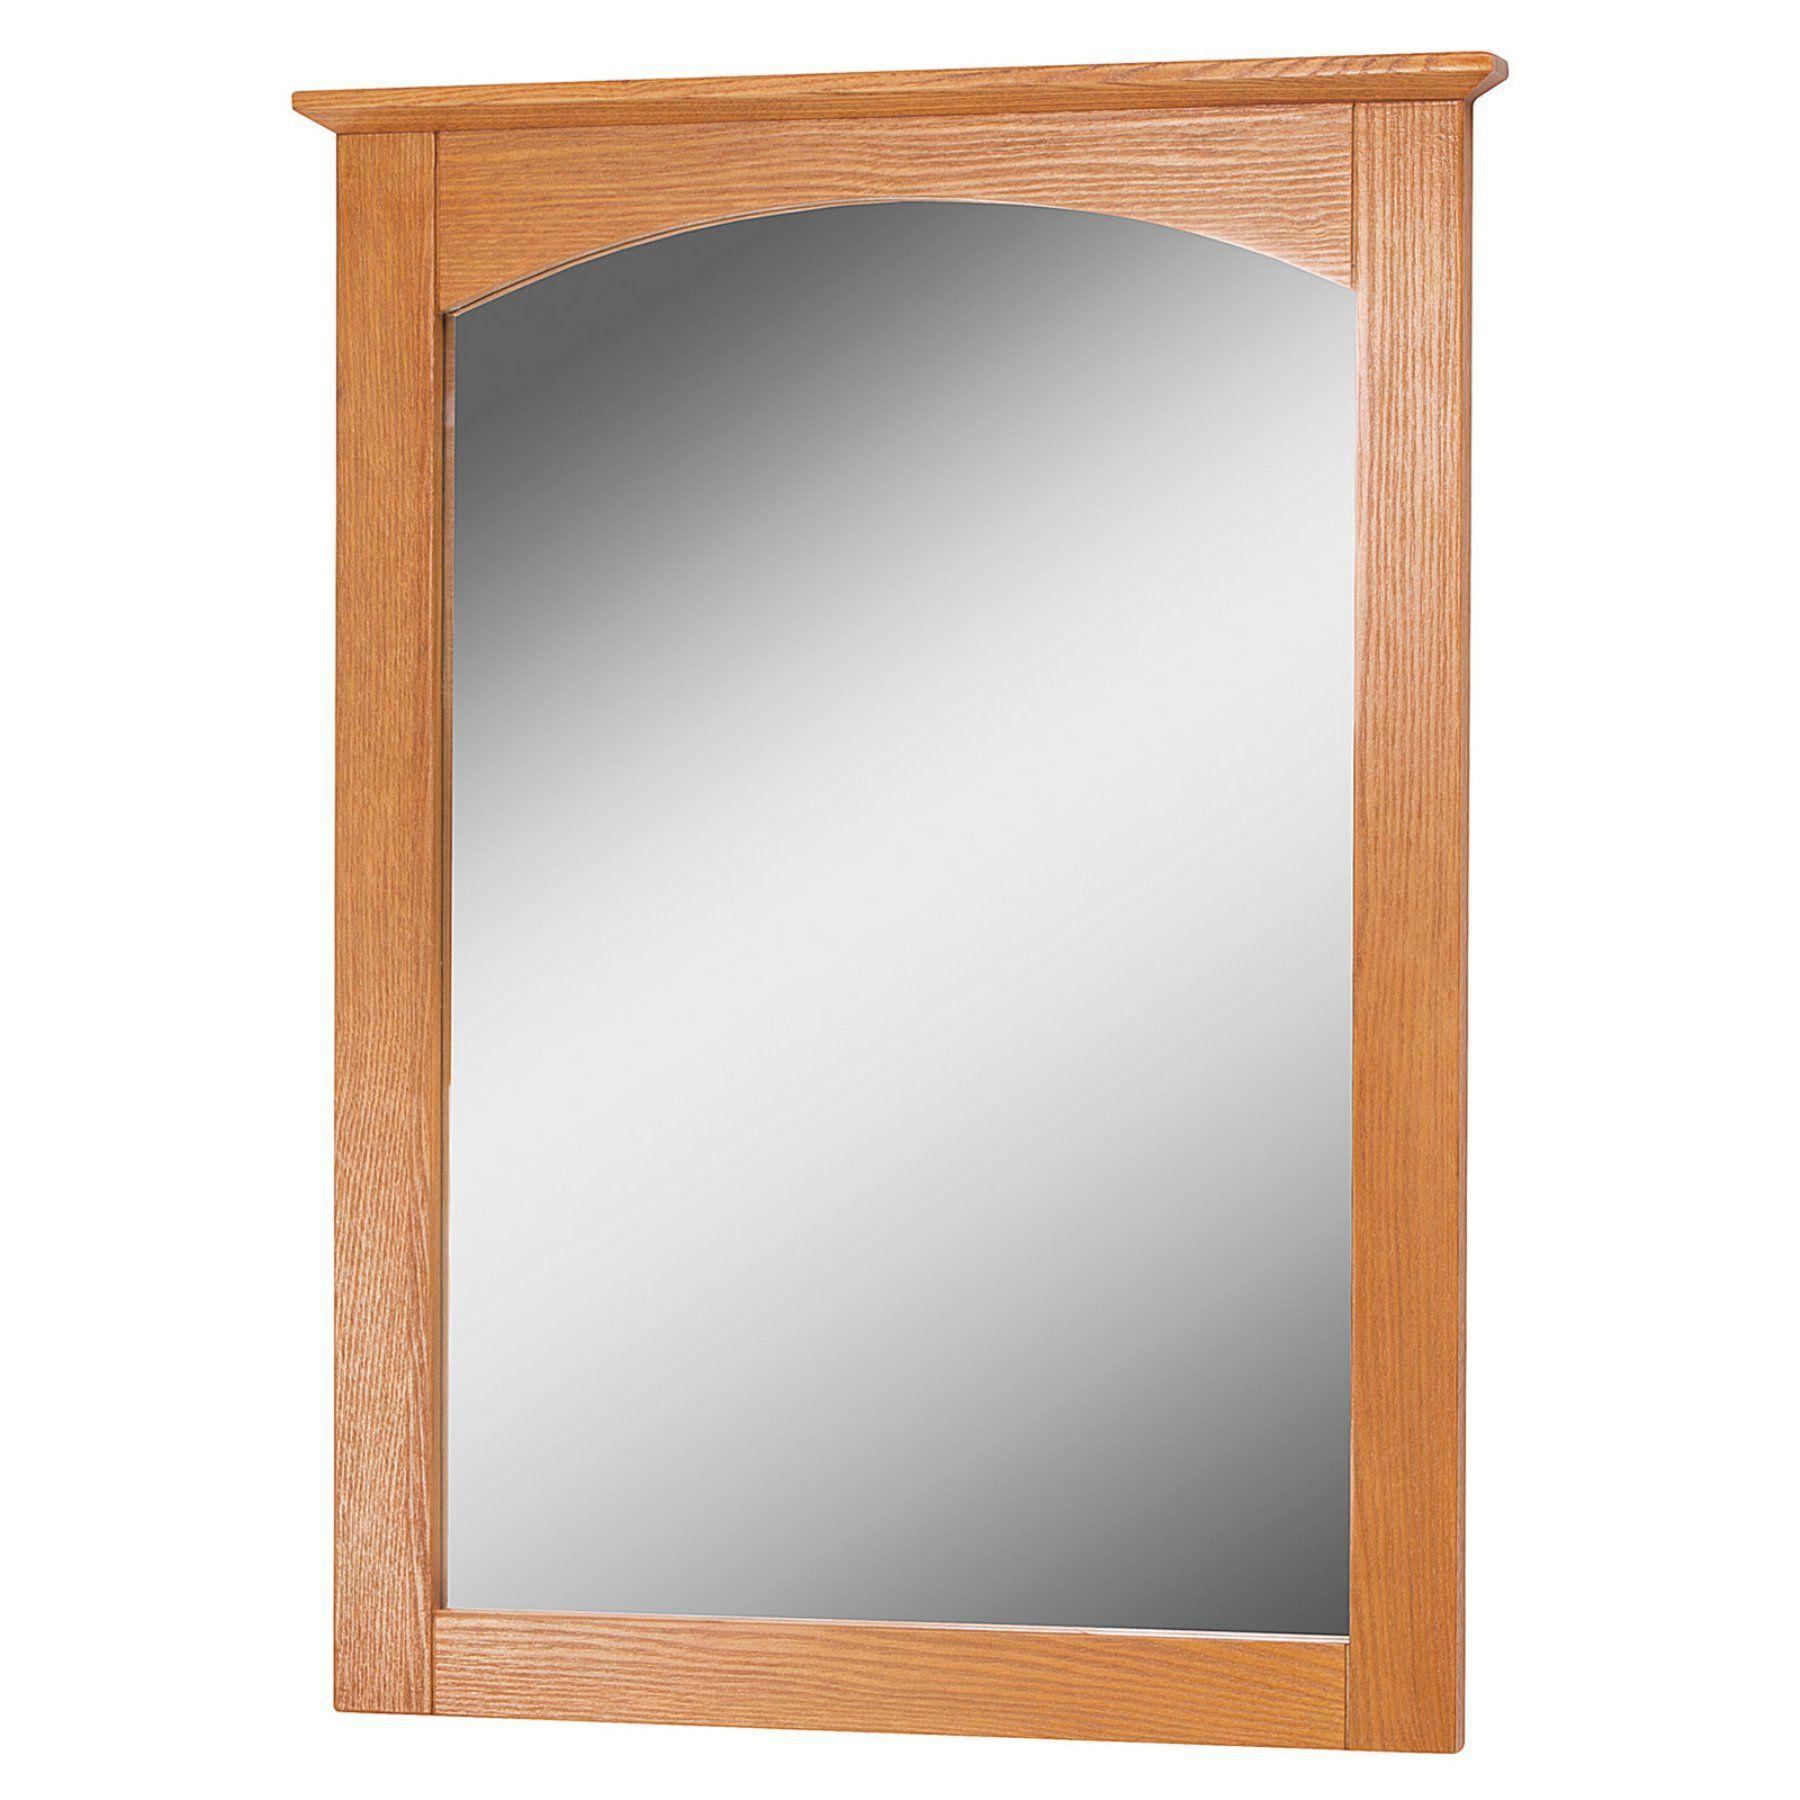 Foremost Worthington Bathroom Mirror - Oak - WROM2128 | Bathroom ...